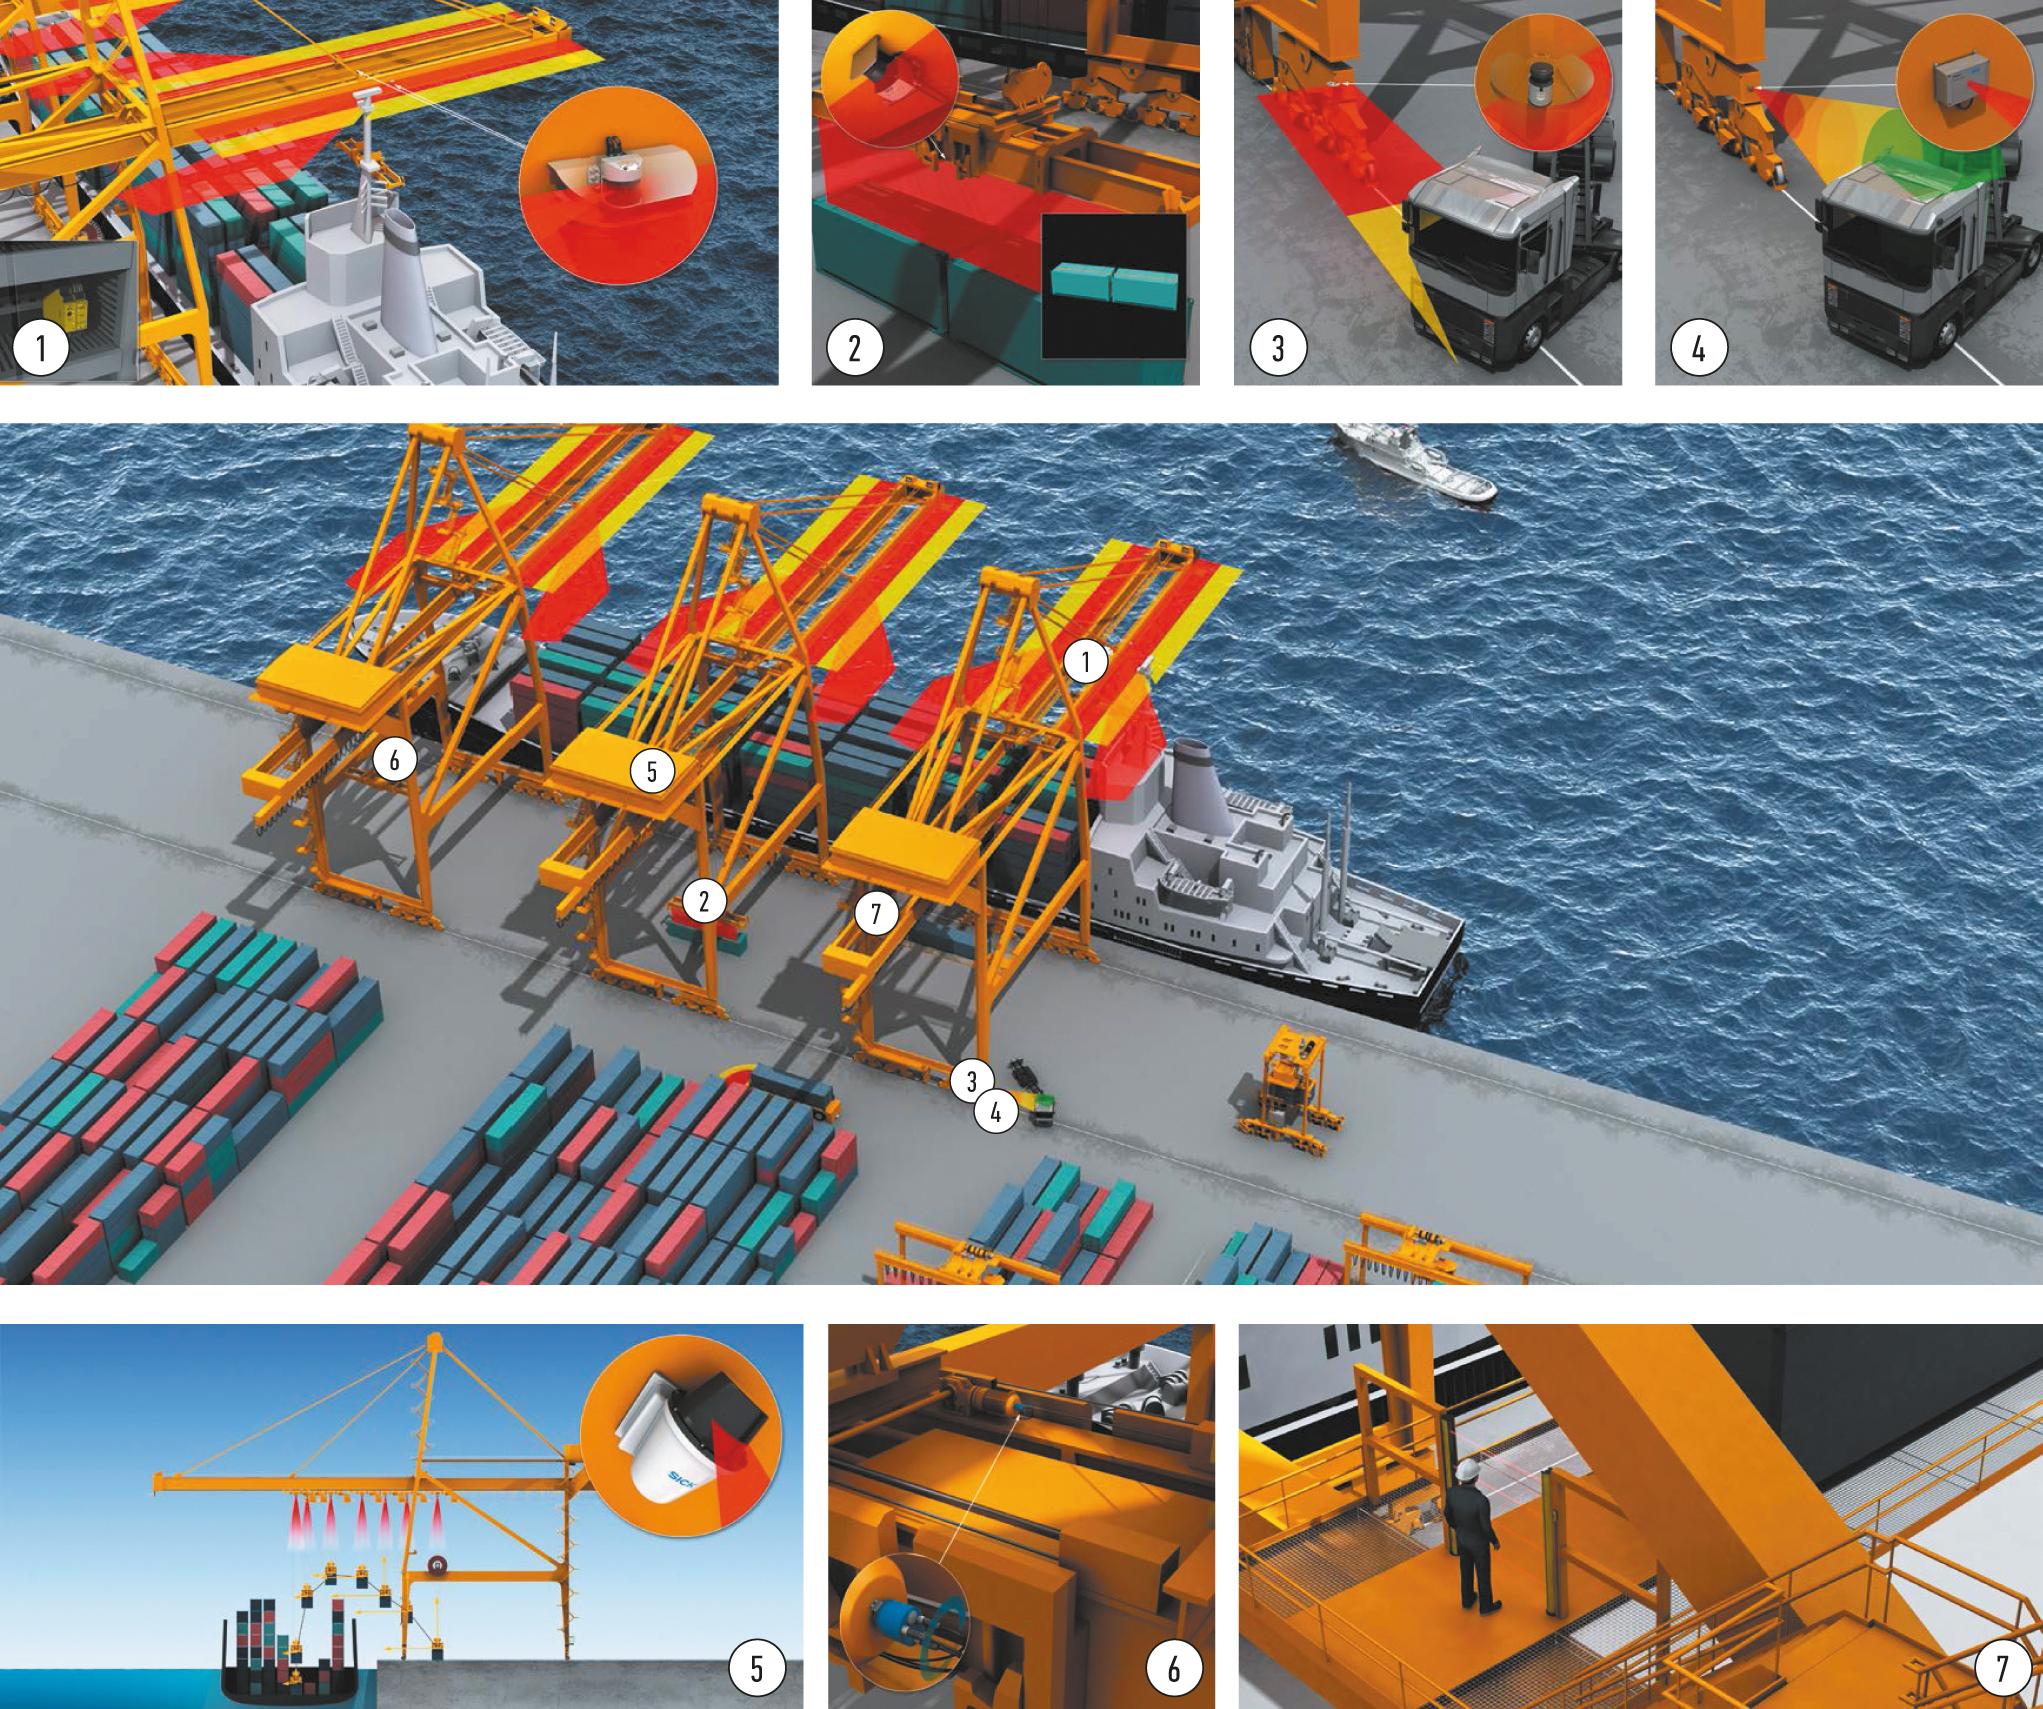 Области применения и назначение оборудования компании SICK на причале портового терминала